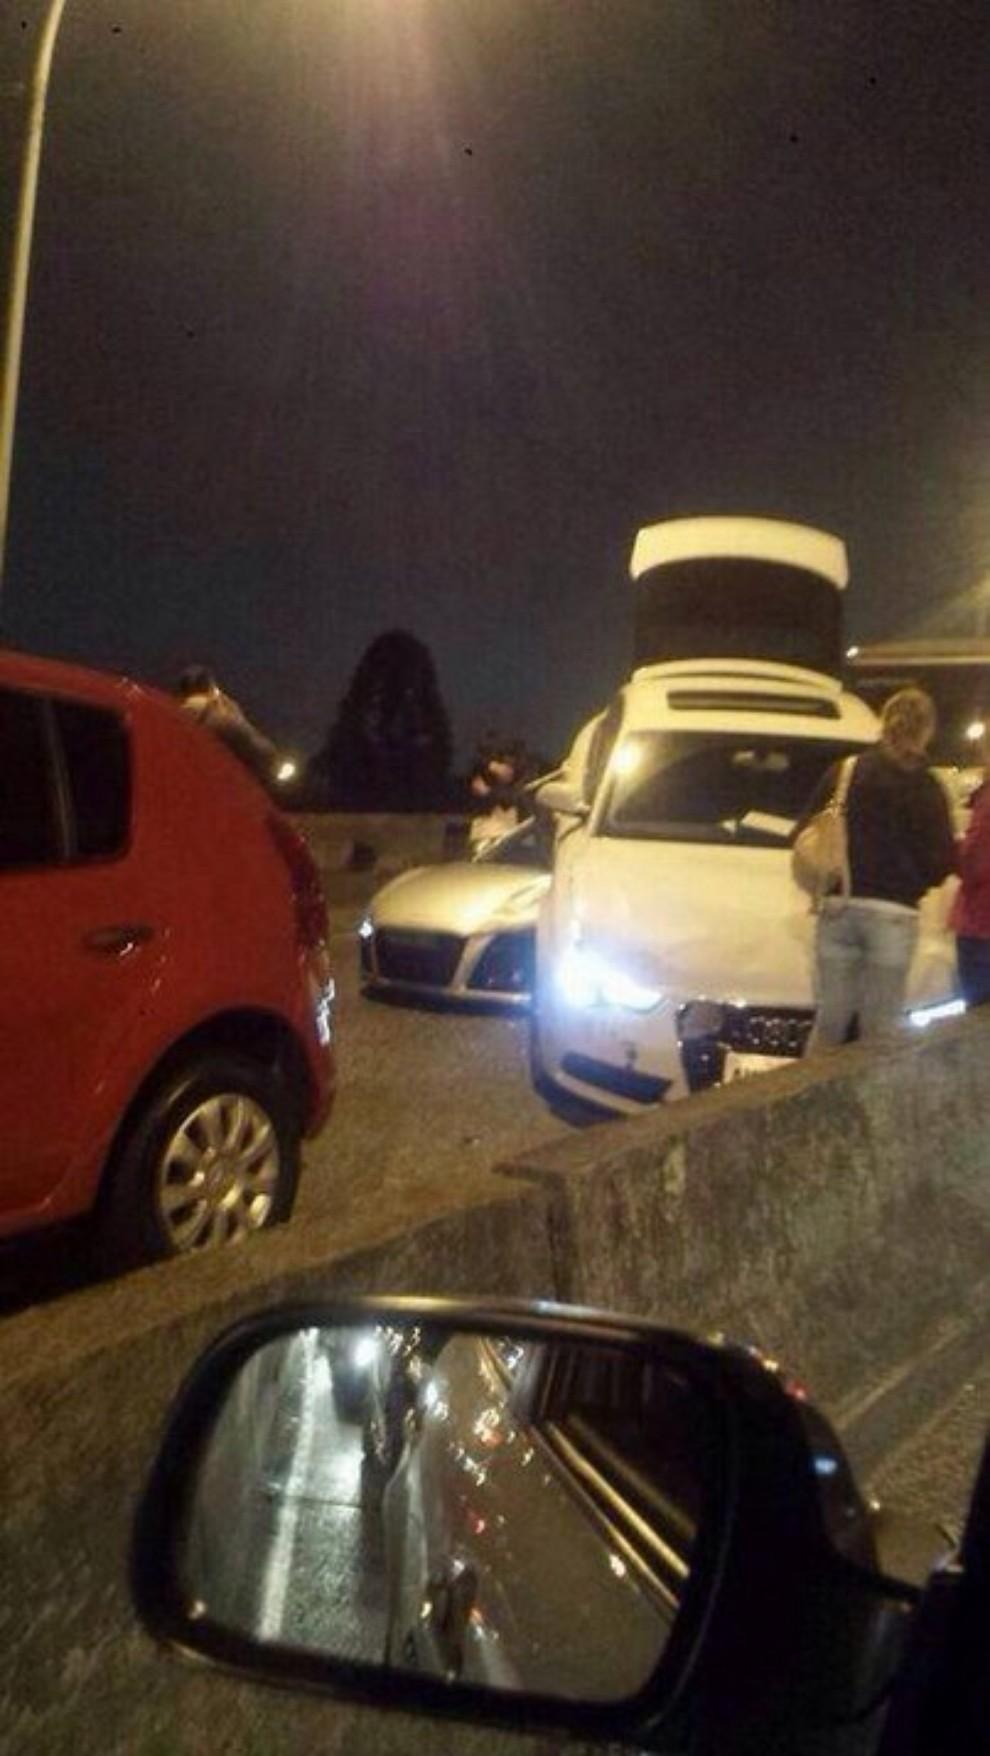 Audi R8 tampona violentemente una Audi A5 Sportback - Foto 4 di 4